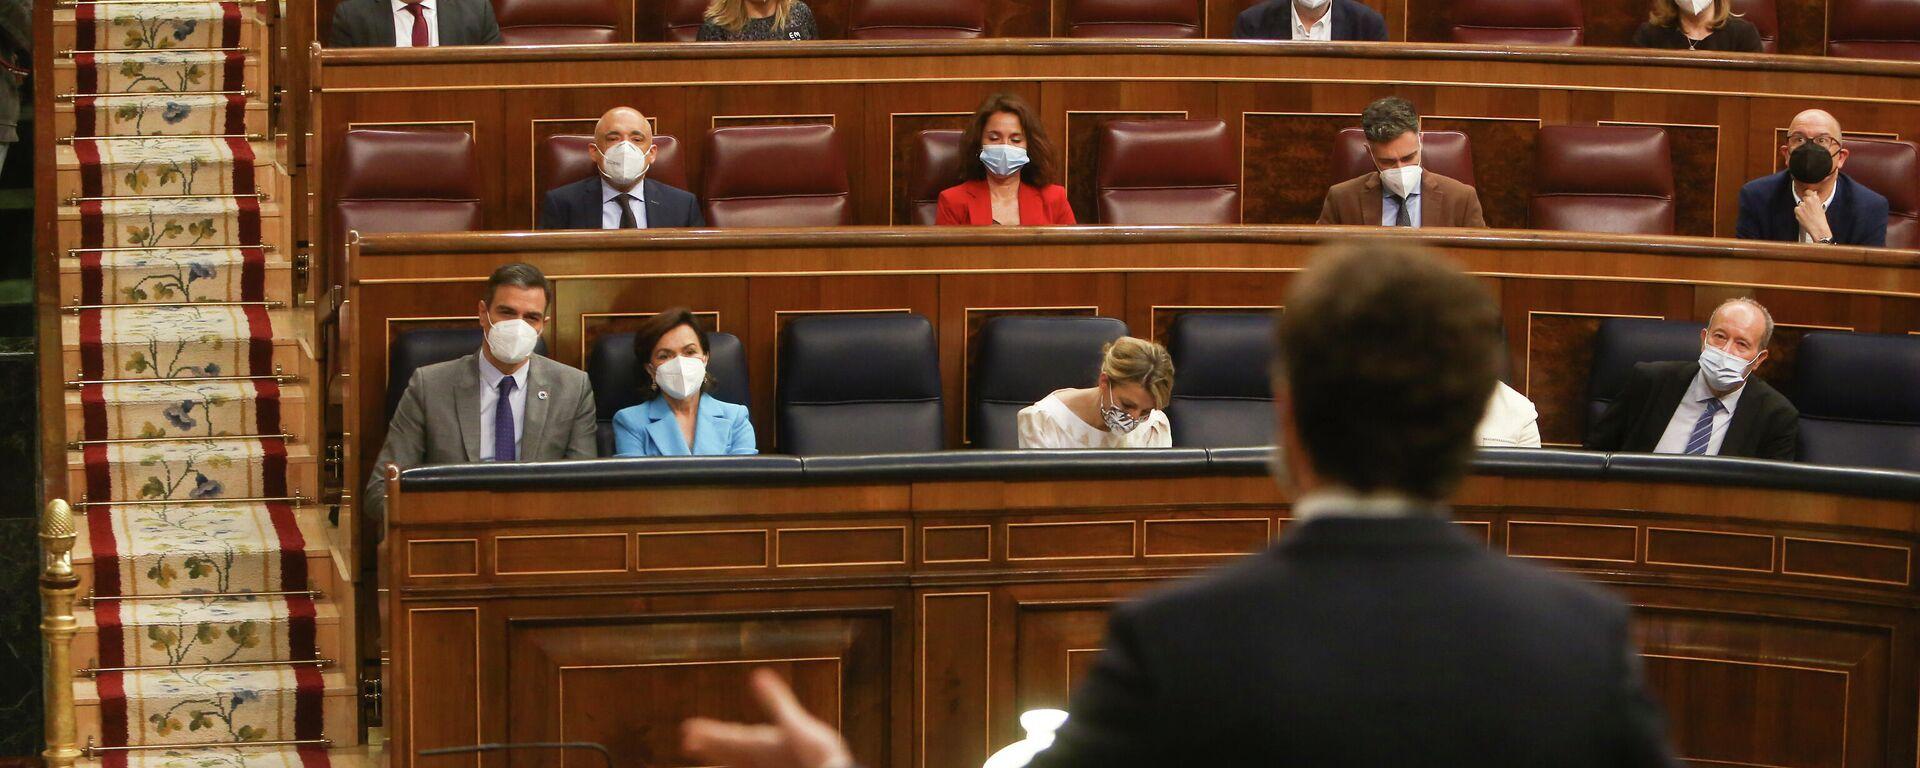 Pedro Sánchez observa a Pablo Casado durante la Sesión de Control al Gobierno en el Congreso de los Diputados - Sputnik Mundo, 1920, 09.06.2021